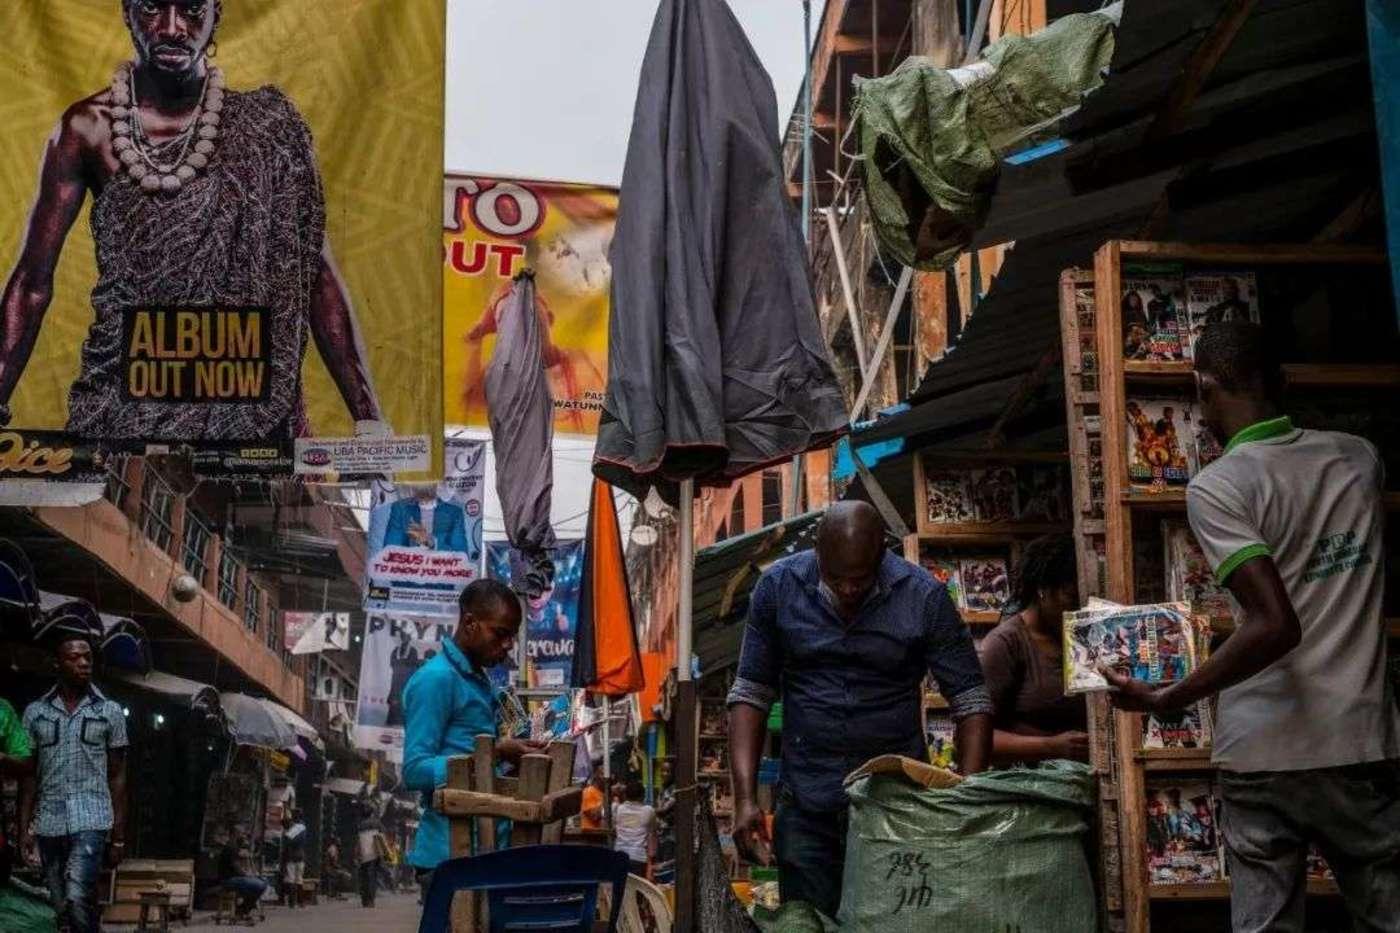 在尼日利亚拉各斯的市场中,可以买到大量盗版音乐,来自《纽约时报》